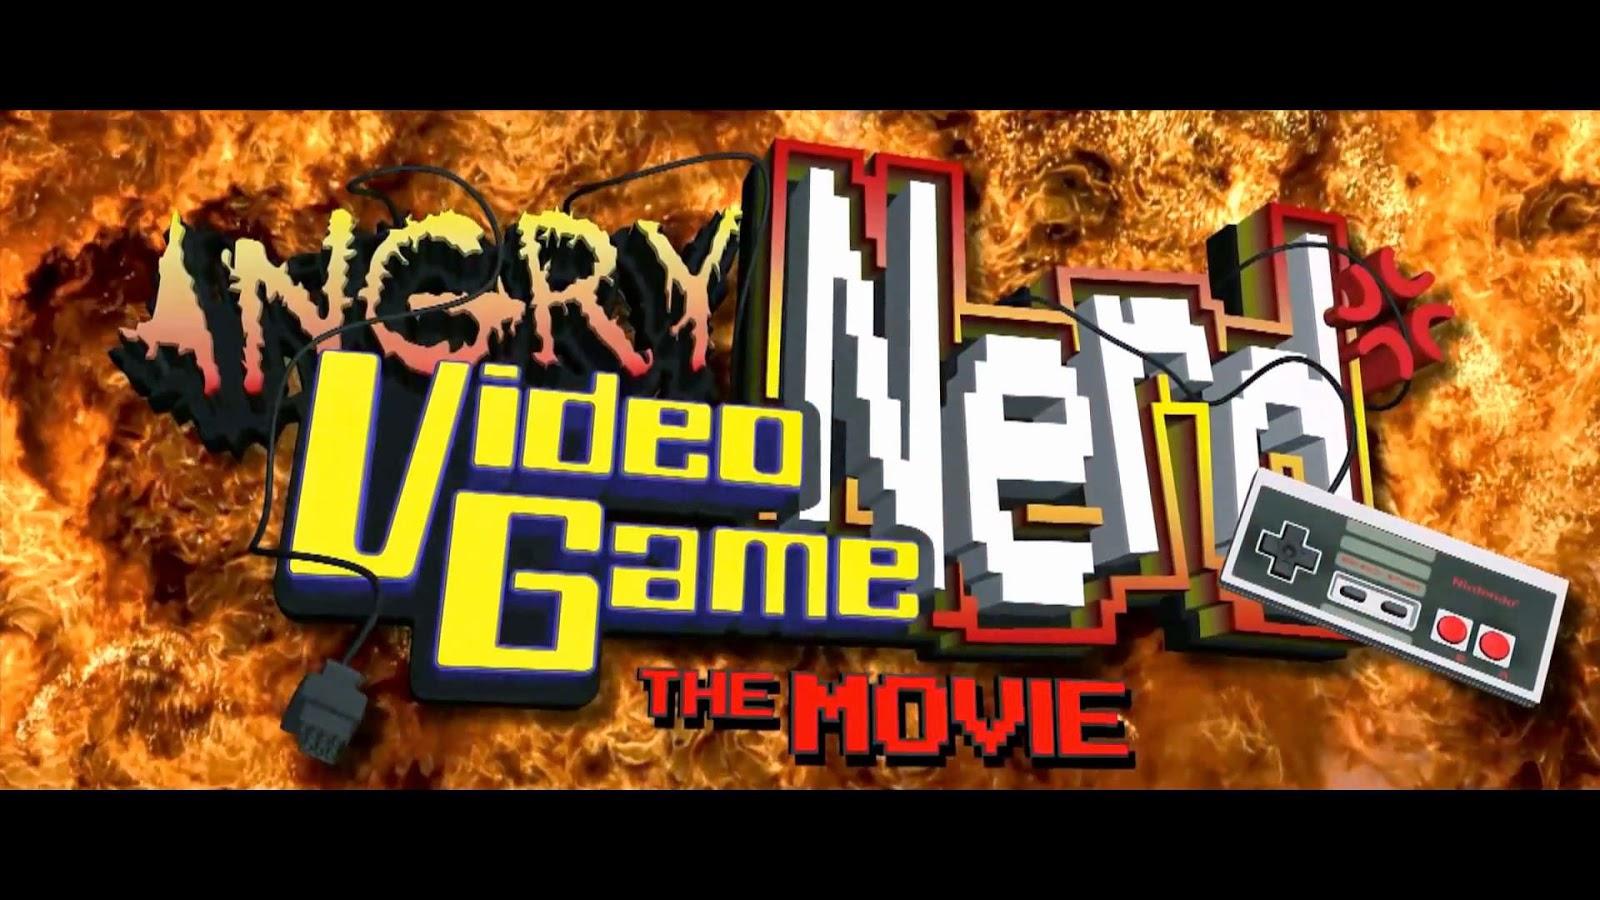 http://nerduai.blogspot.com.br/2012/11/nerd-episodio-103-e-trailer-do-filme.html